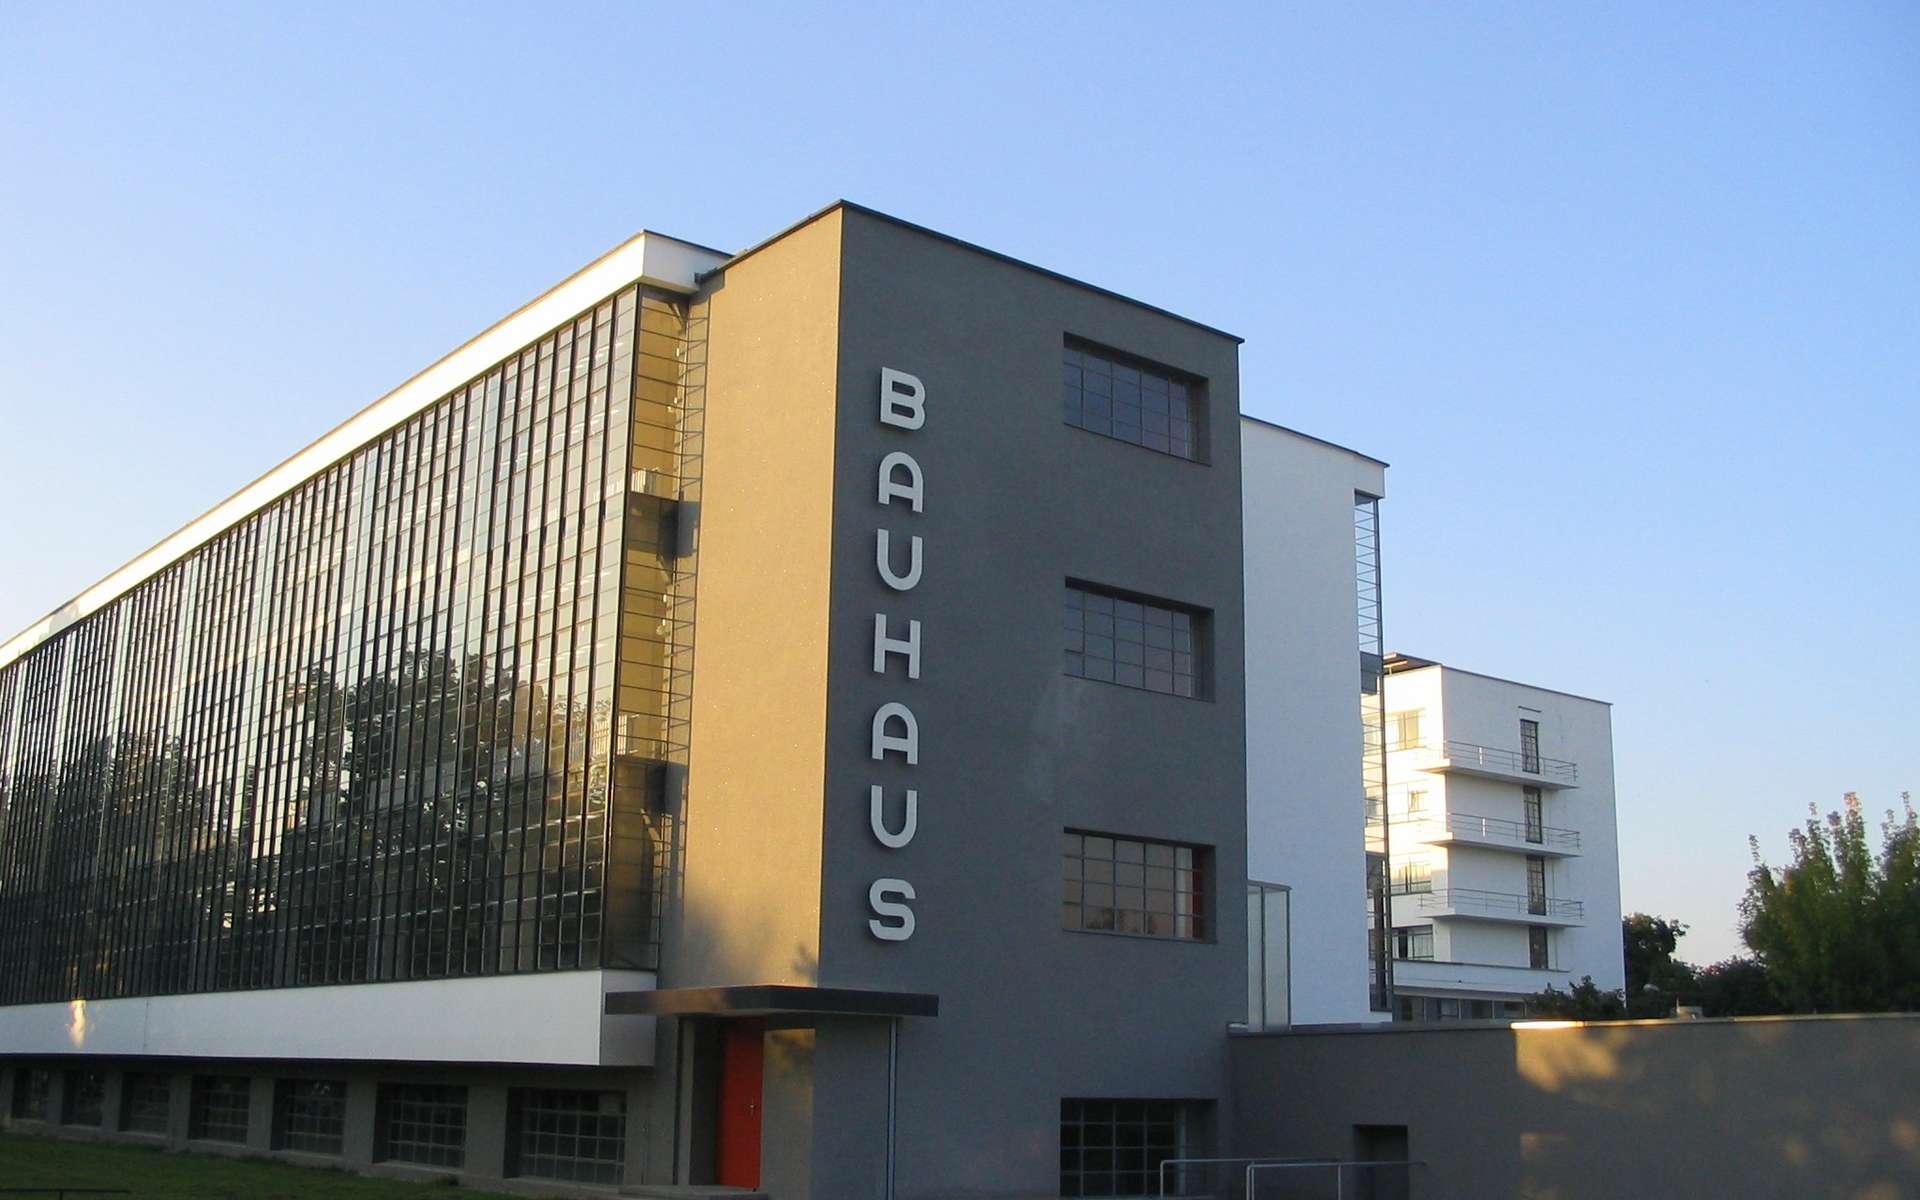 Le bâtiment de Bauhaus à Dessau. © Wikipedia, CC 3.0, domaine public